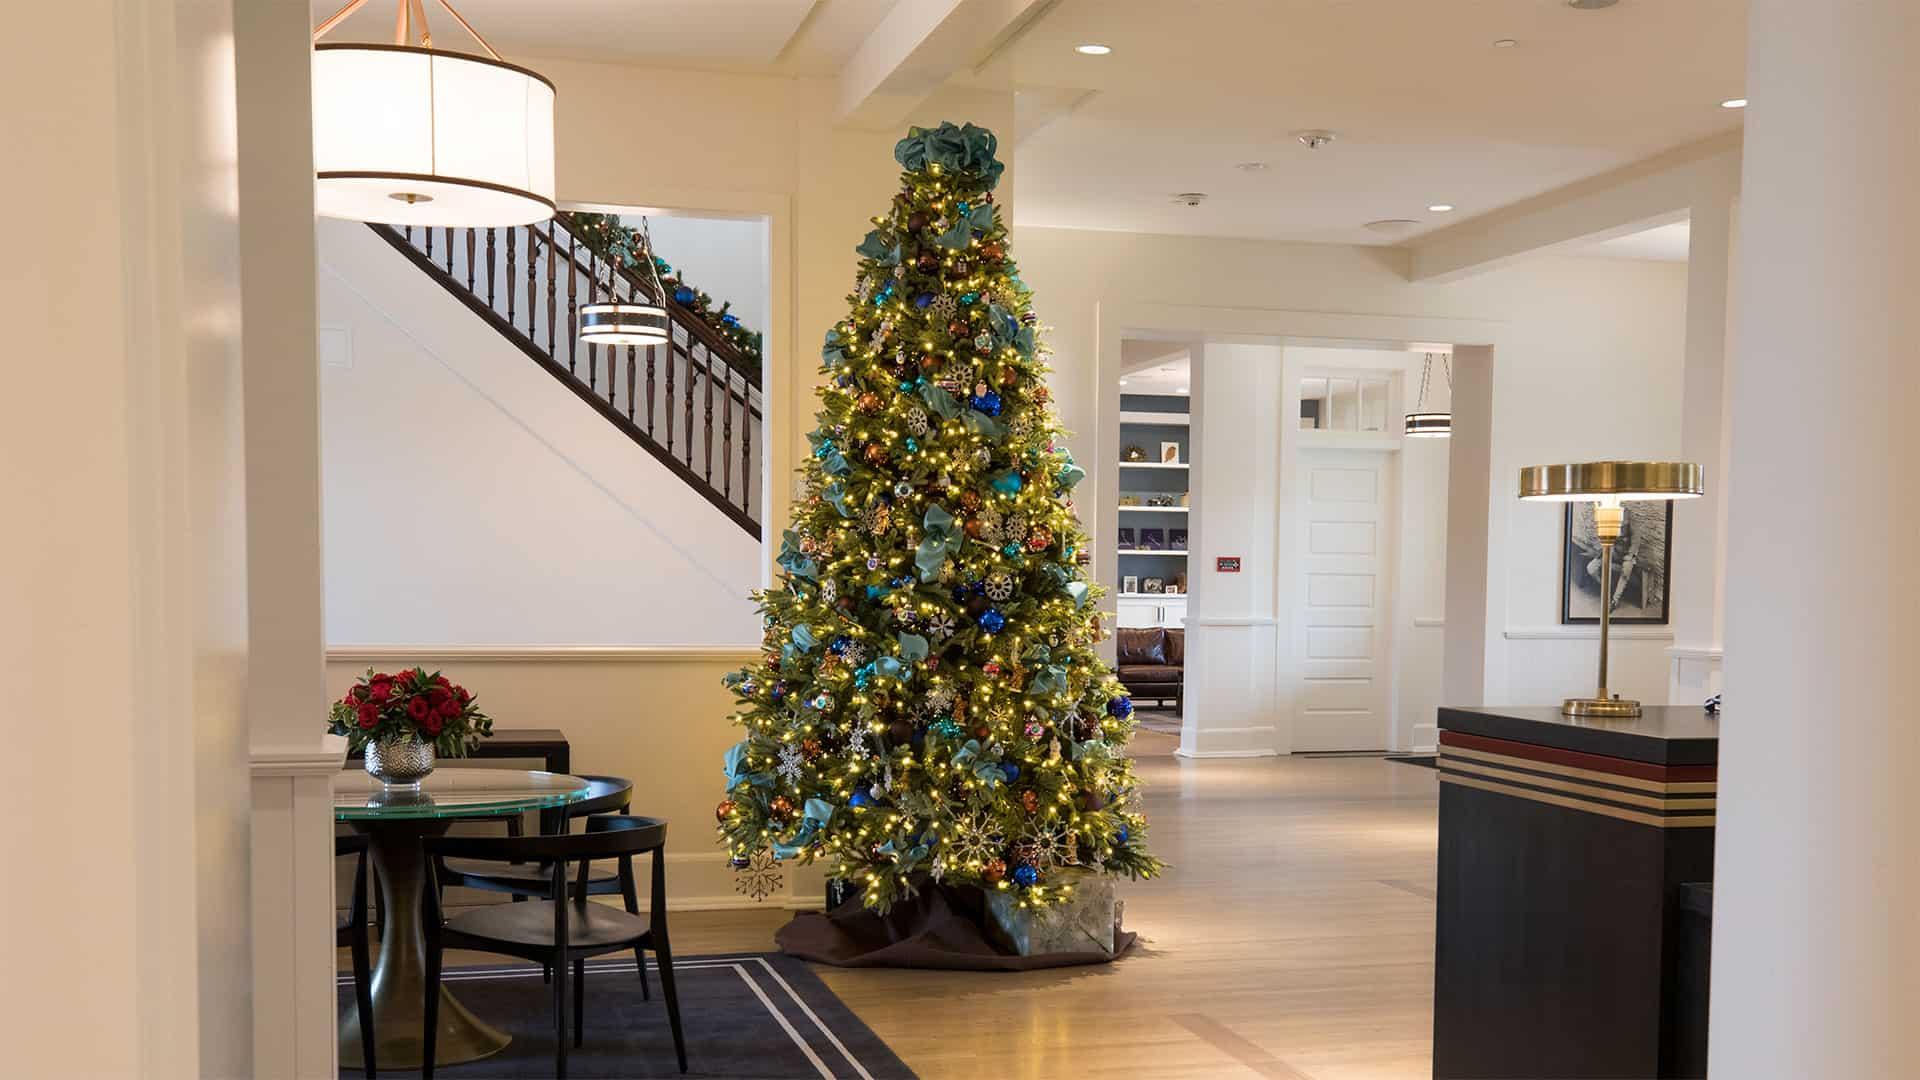 Lodge at the Presidio - Holiday Lights And Christmas Tree